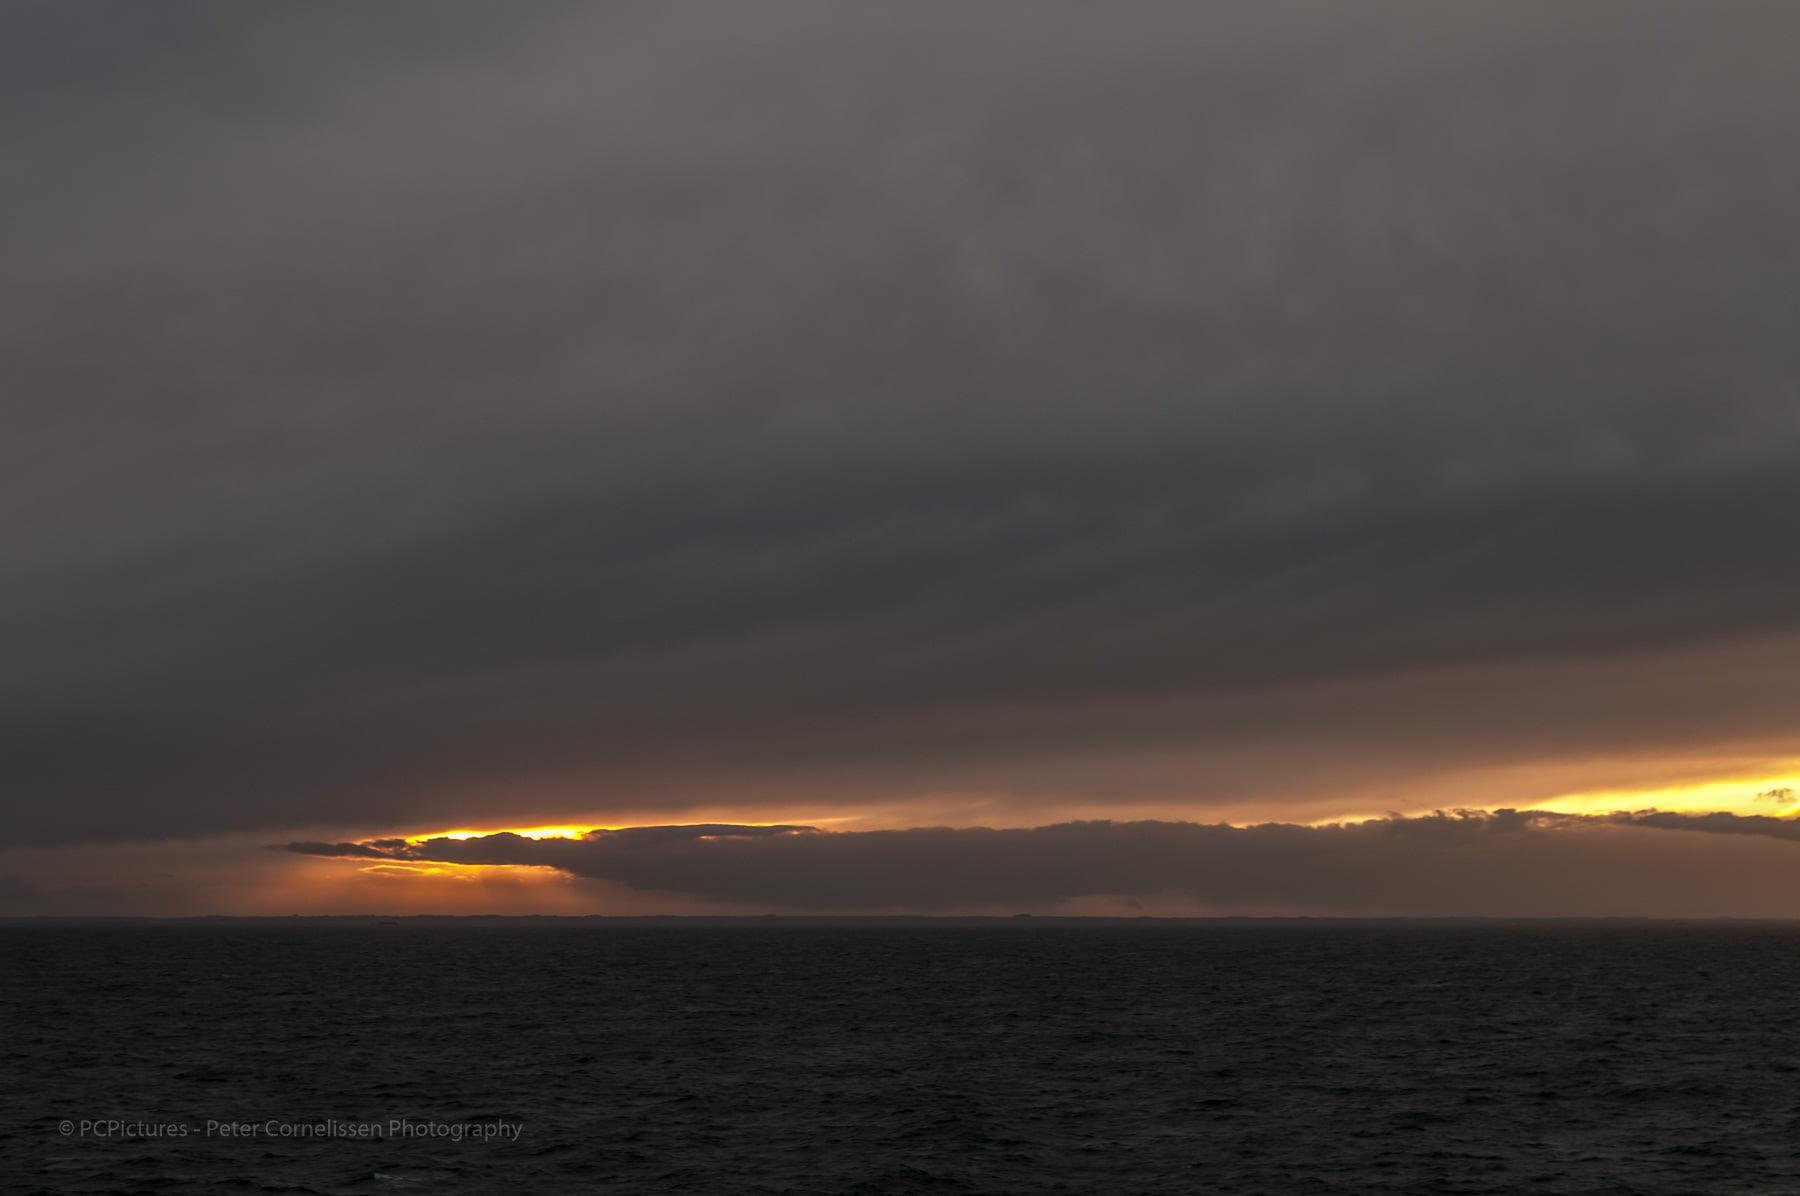 Clouds, Noordzee, North sea, Places, Seas, Zeeën, wolken, wp zeegezichten, zeegezicht, zonsondergang